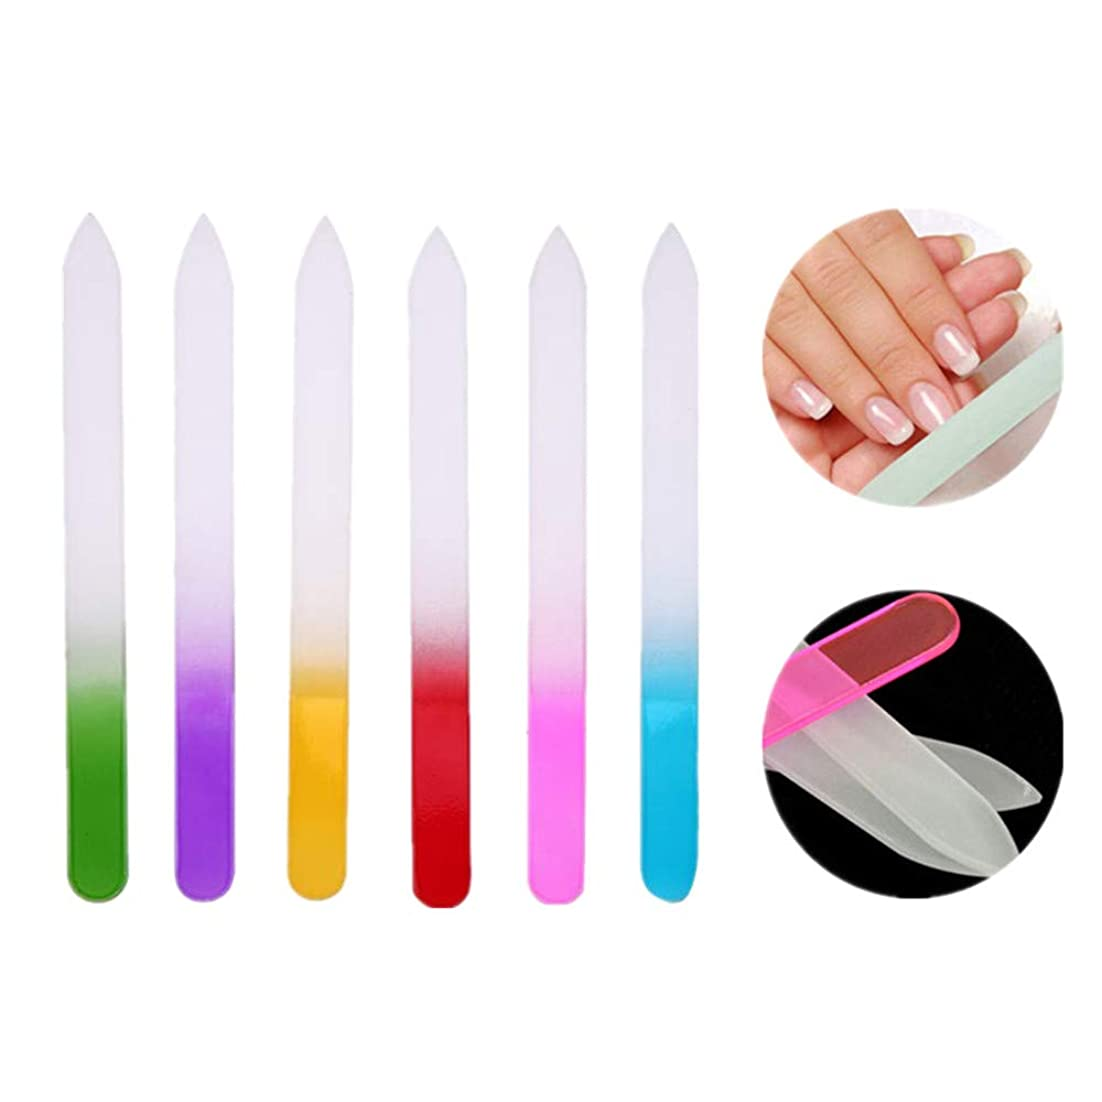 南極取り付けロータリーKingsie ガラス製 爪やすり 6個セット 14cm 両面タイプ 爪やすり 水洗い可 携帯用 ネイルケア